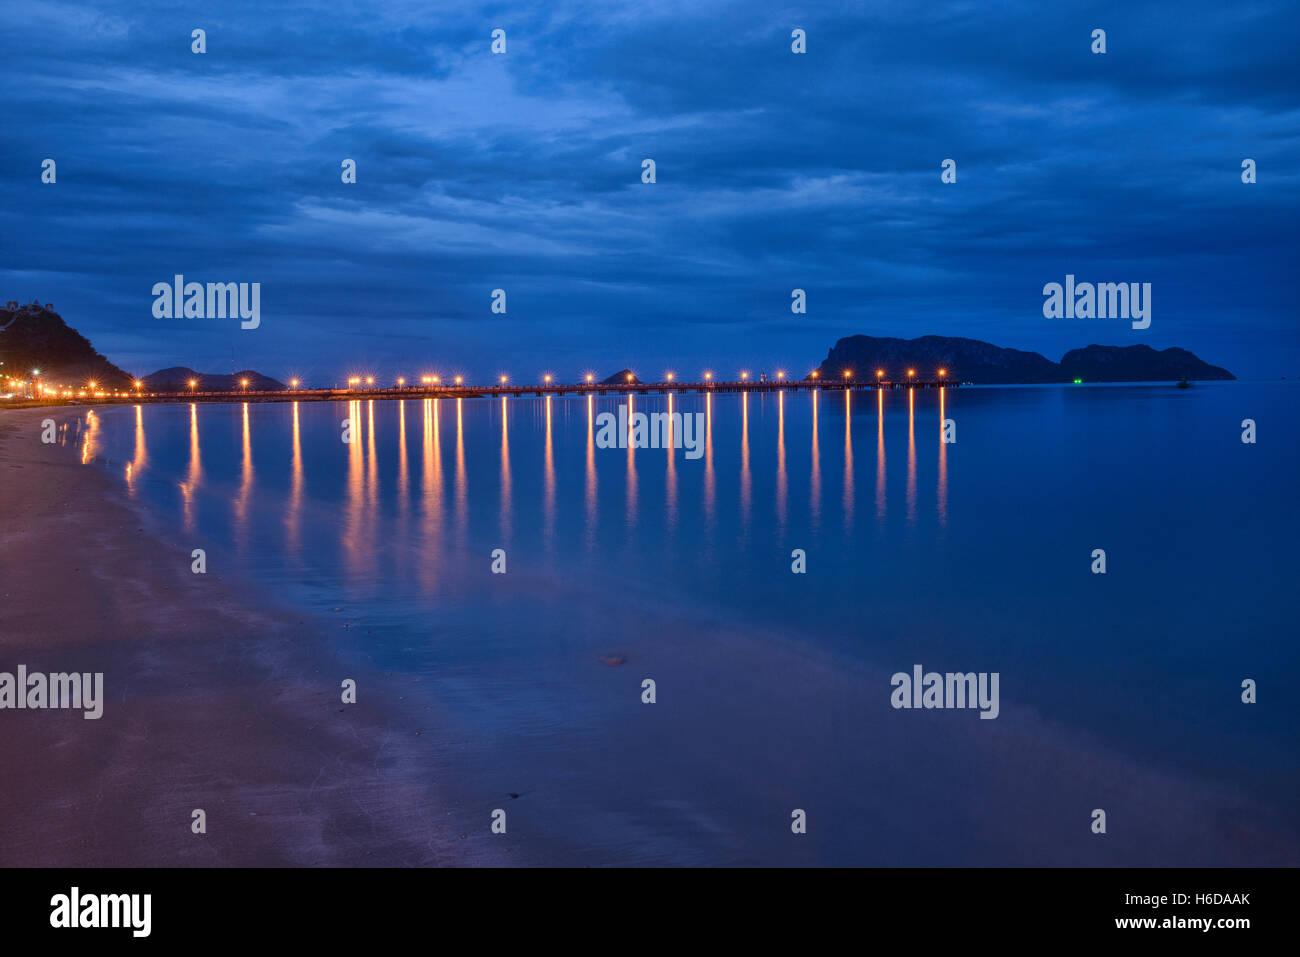 The Gulf of Thailand at blue hour, Prachuap Khiri Khan, Thailand Stock Photo